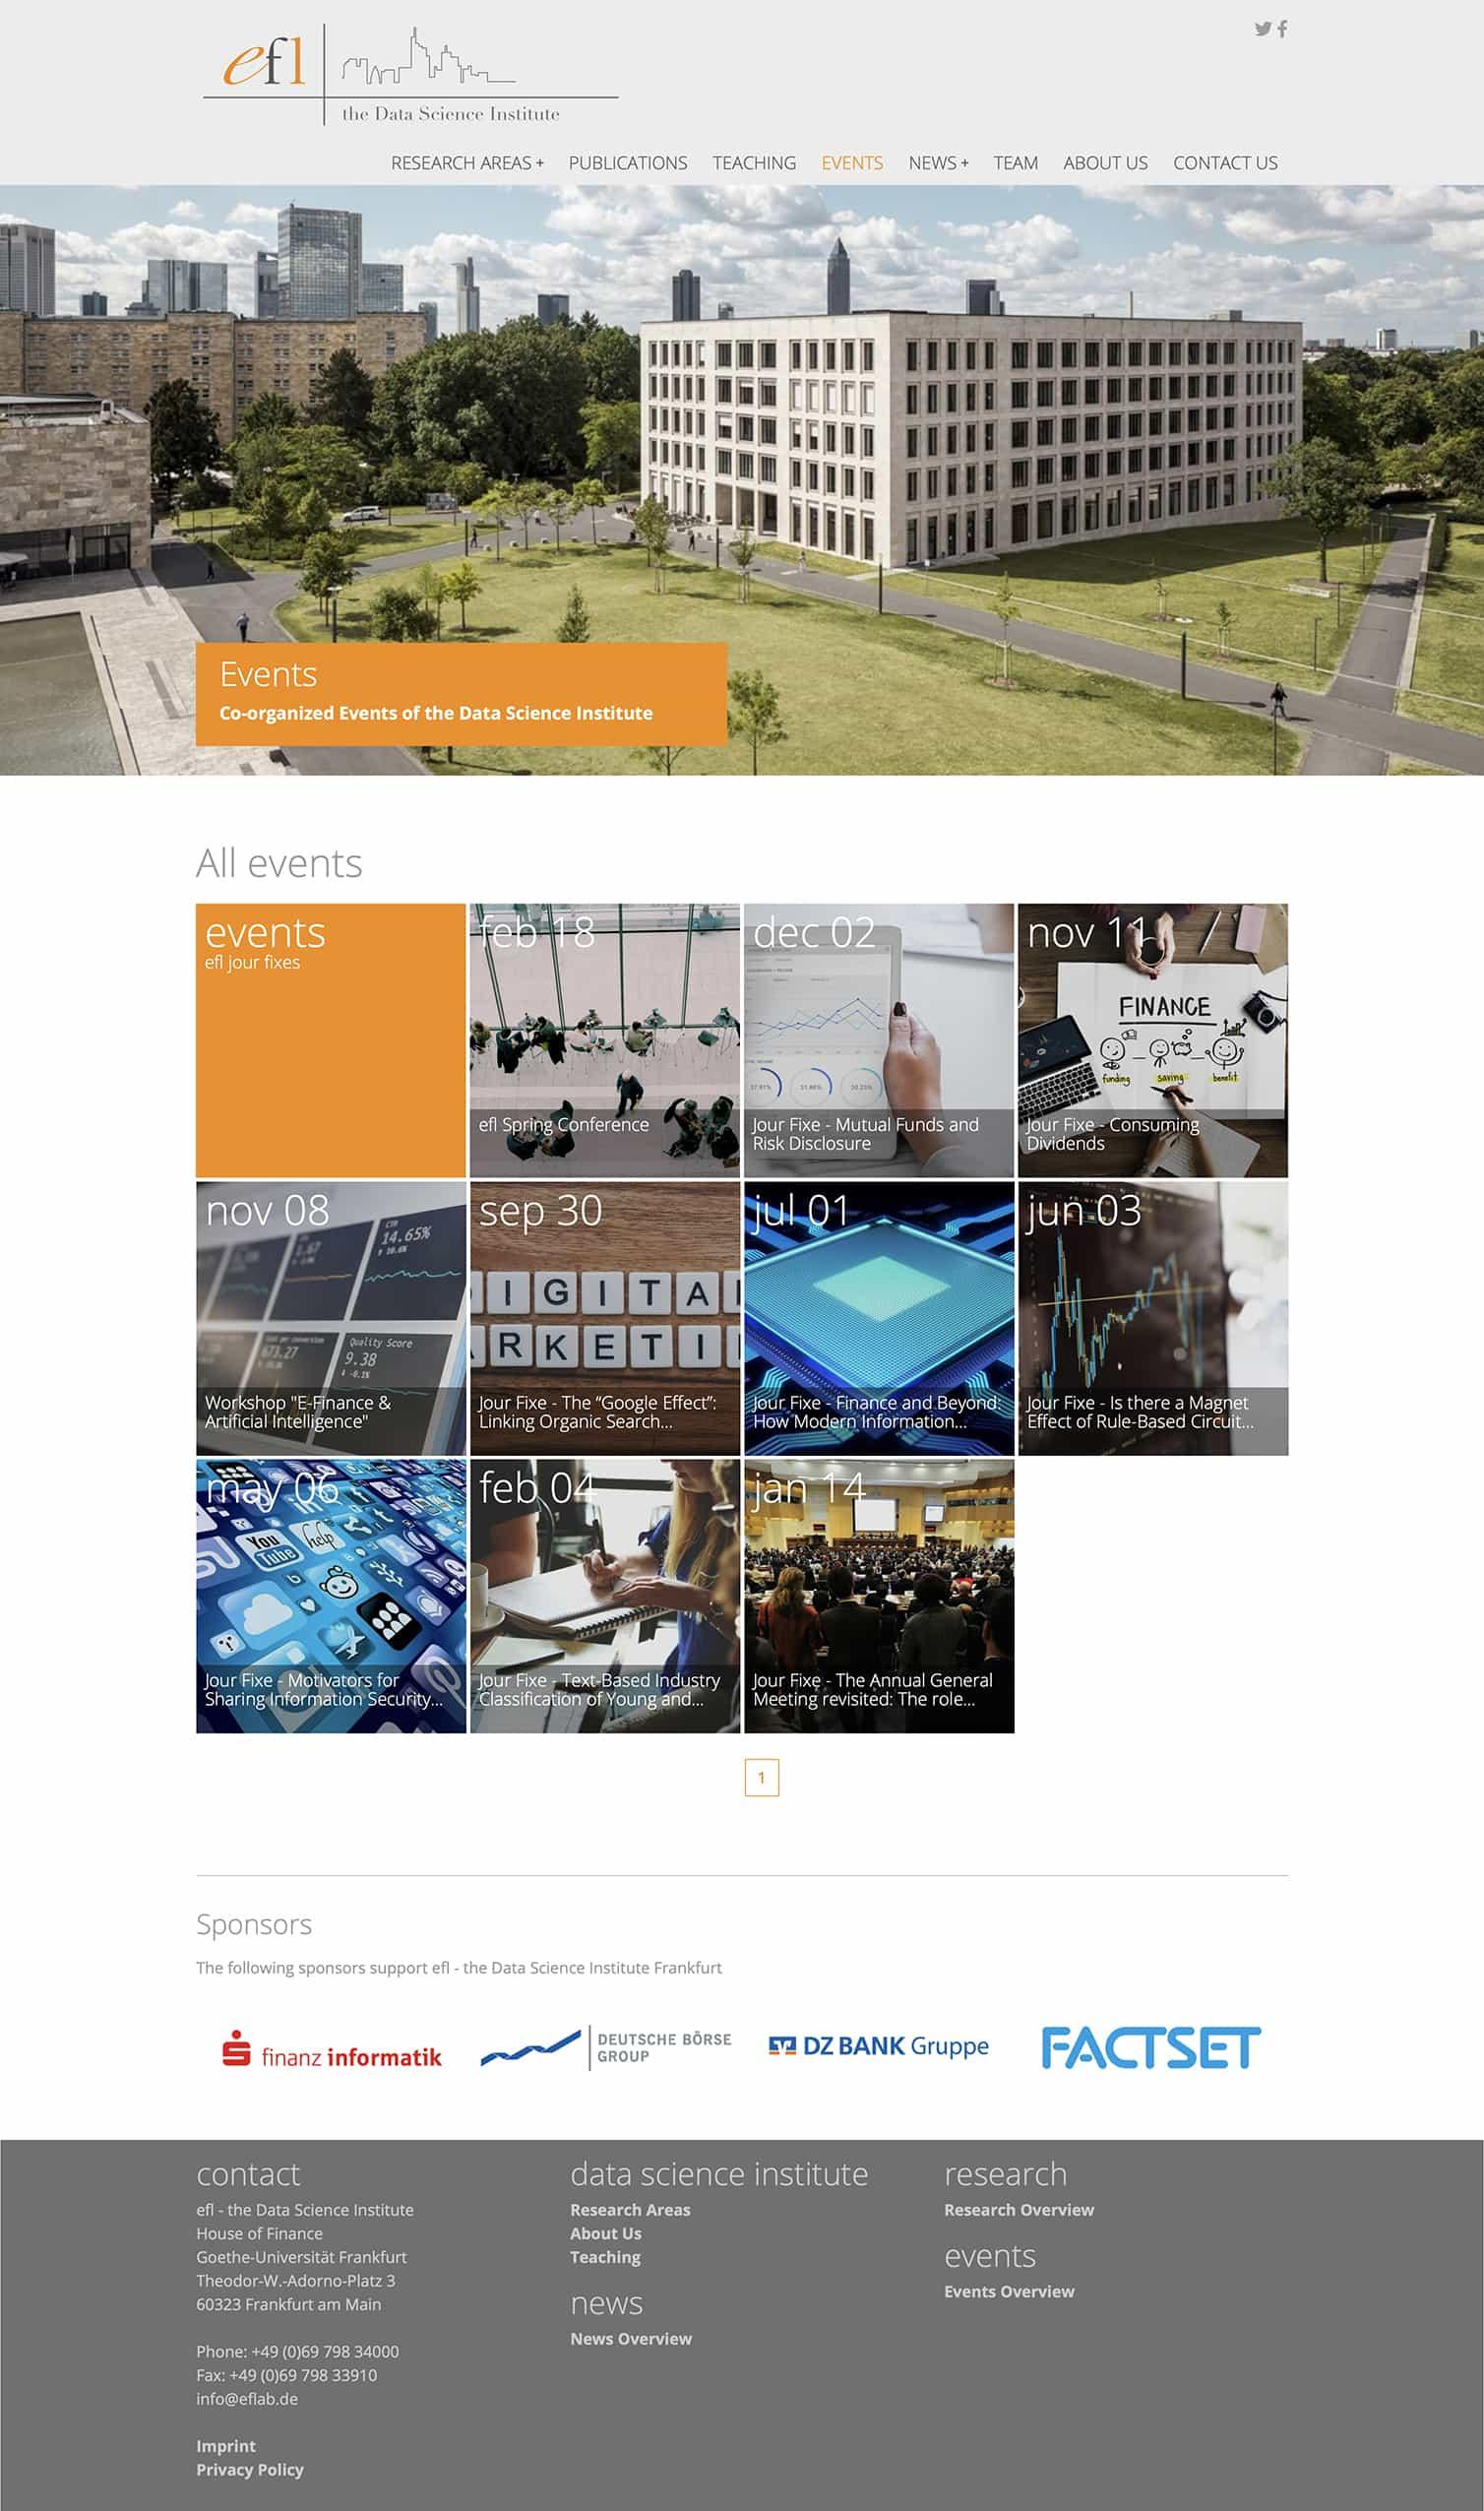 Entwicklung einer Typo3 Website für E-Finance Lab der Johann Wolfgang Goethe-Universität Frankfurt Events durch Ronald Wissler Visuelle Kommunikation